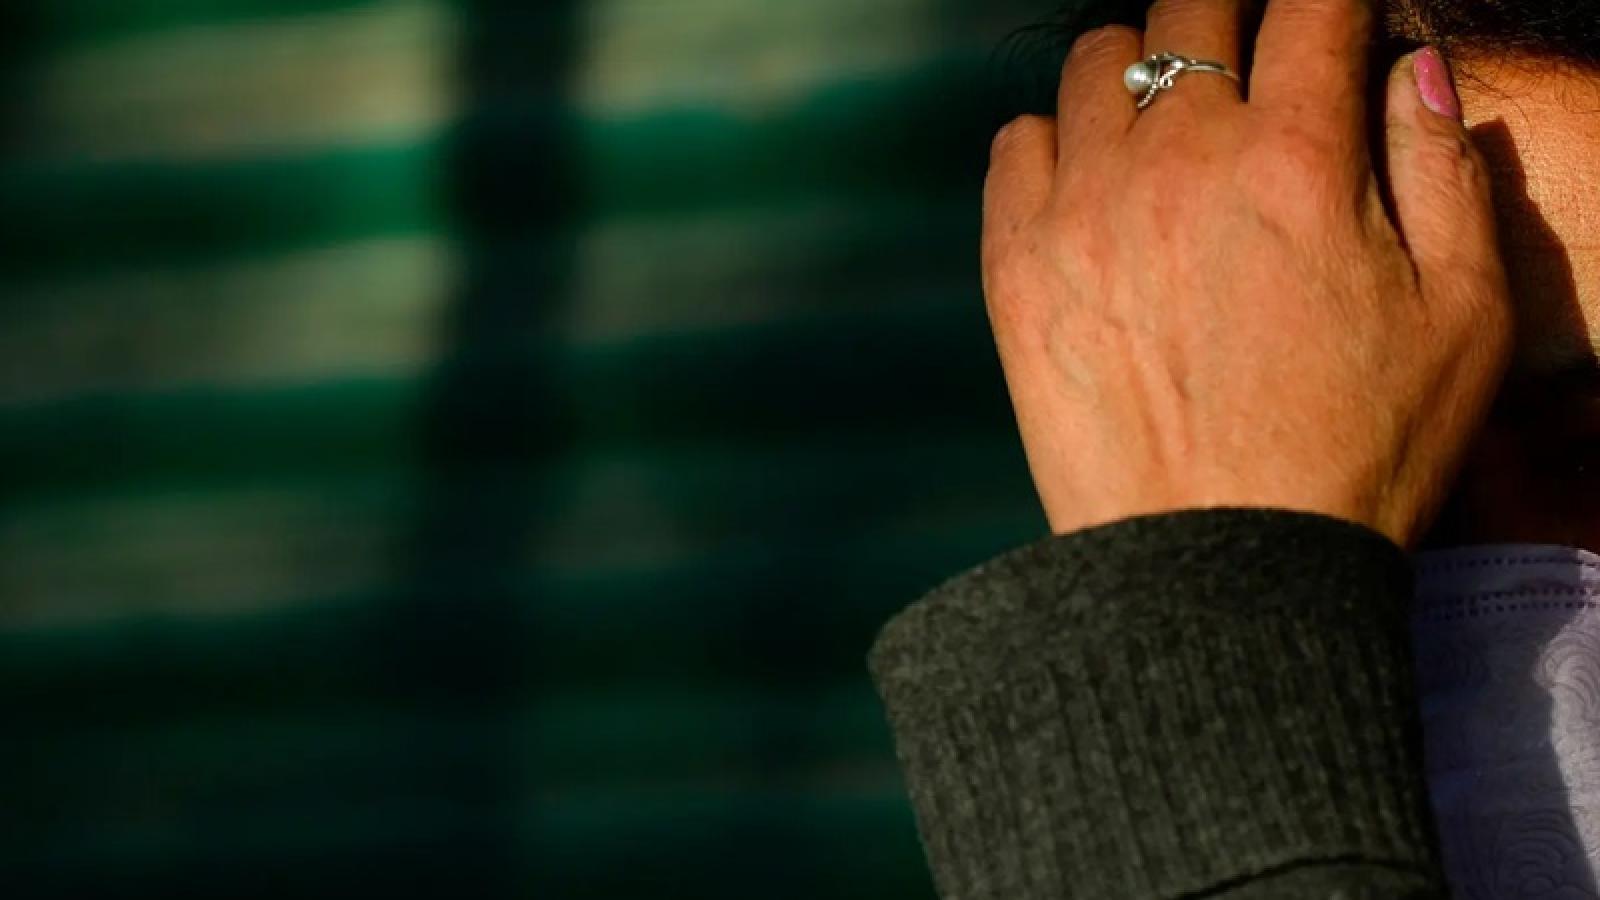 Covid-19 khiến bạo lực gia đình gia tăng ở nhiều điểm nóng dịch bệnh